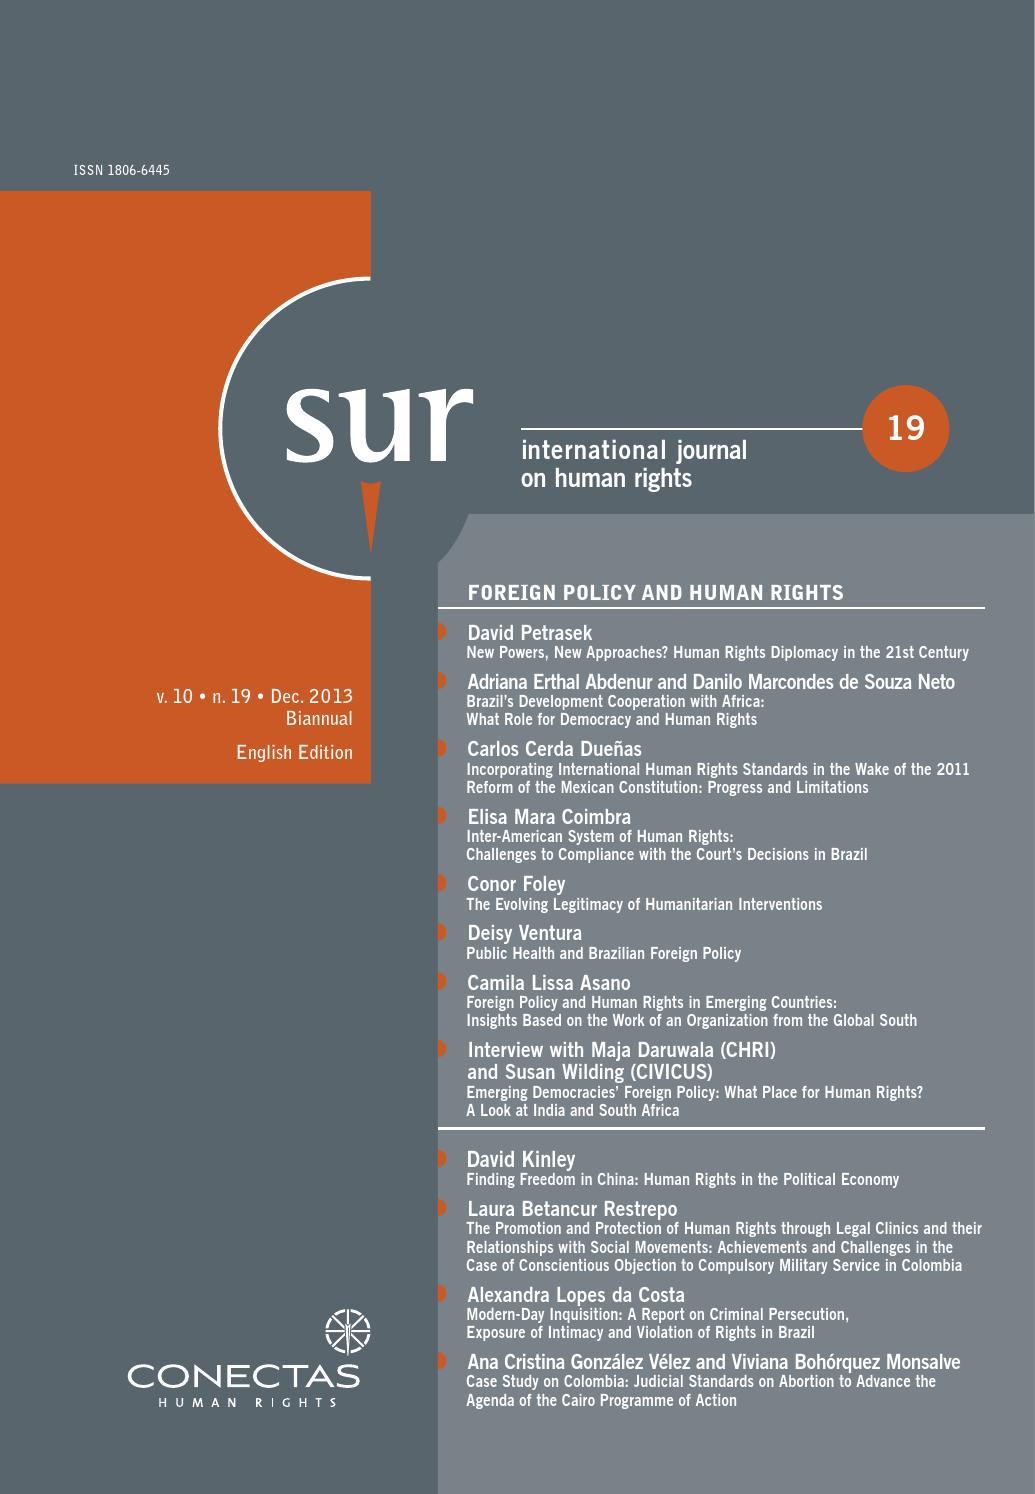 SUR 19 by Conectas Direitos Humanos - issuu